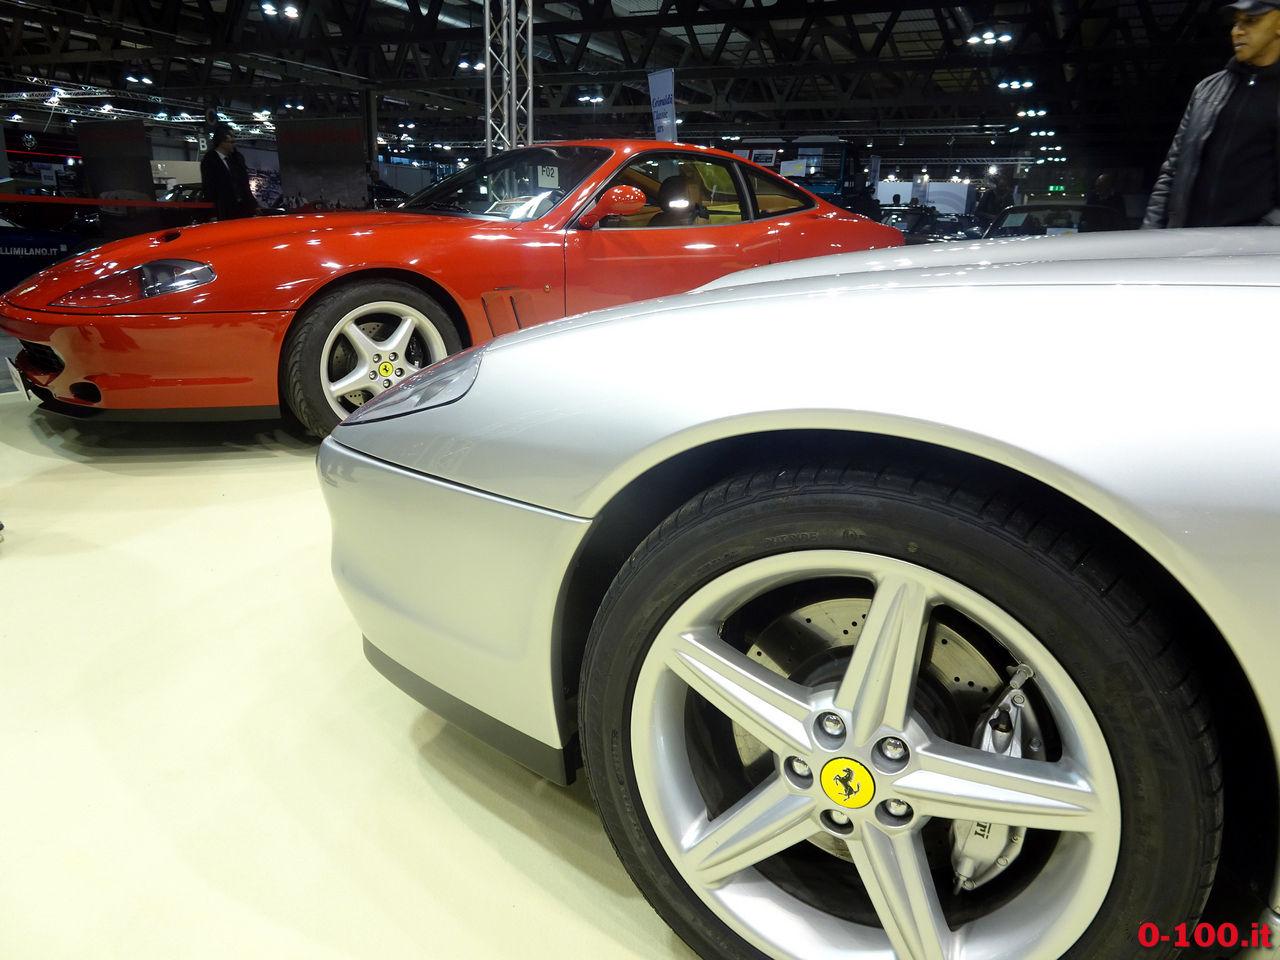 duemila-ruote-milano-autoclassica-rm-sothebys-0-100-ferrari-550-maranello_52